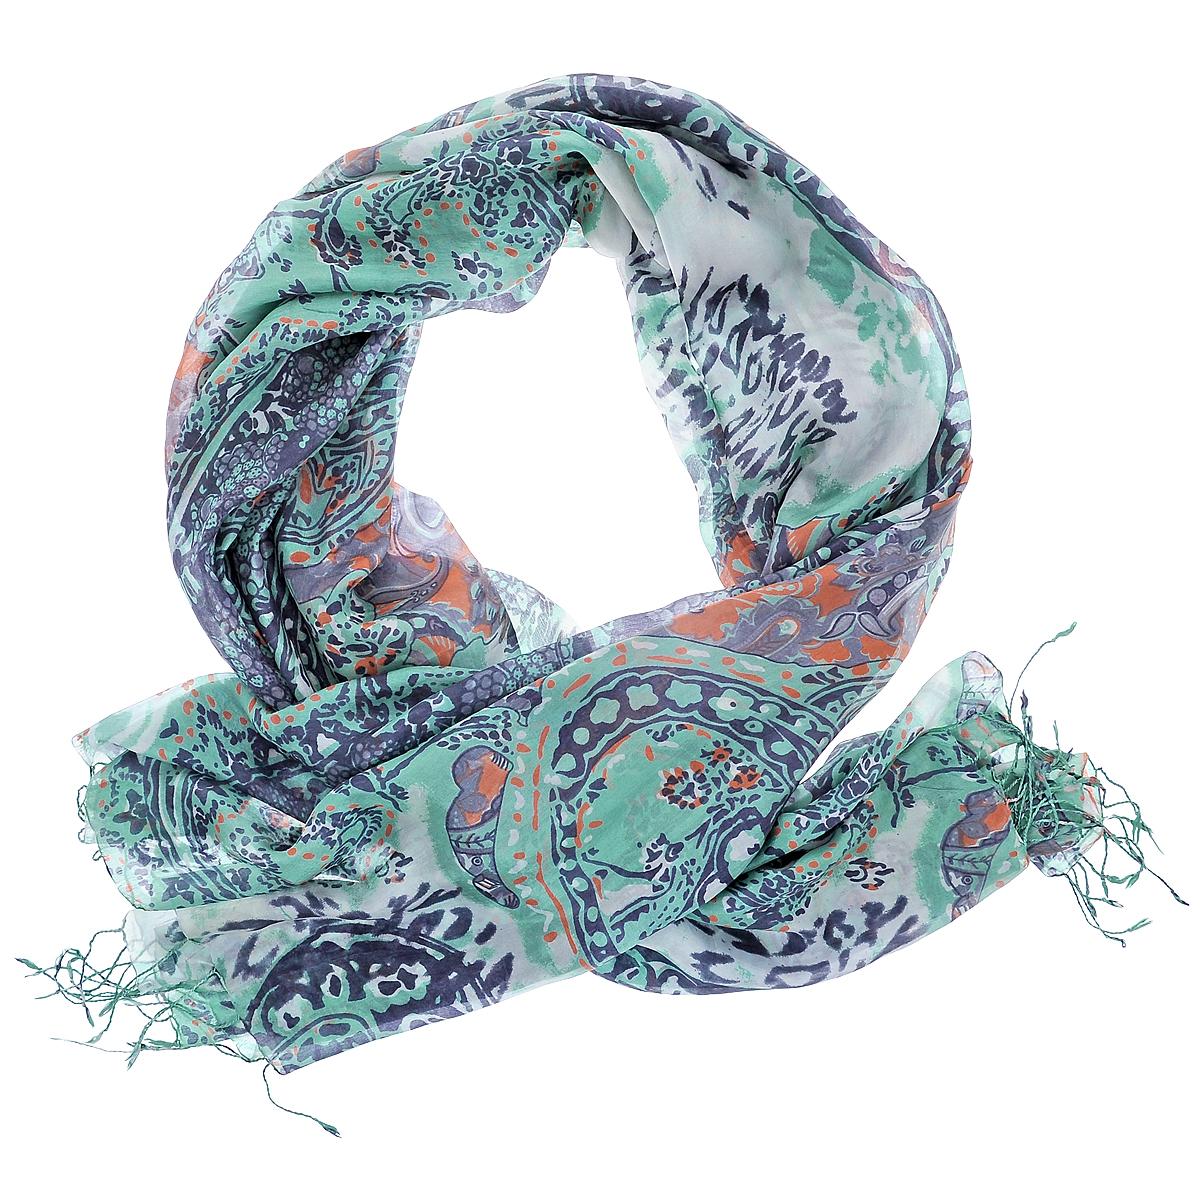 S-PAISLEY.ANIMAL/GOLDПалантин выполнен из натурального шелка. Рисунок этого женского палантина рождает образ таинственного Востока. В нем звучат мотивы персидских тканей, одежд и ковров, овеянных для европейцев особой тонкой магией. Доминирует в композиции элемент бута - легендарный индо-персидский символ в виде слезы, восточного огурца, стилизованной пальмовой ветви. Этот символ - поистине золотой сон европейской моды.